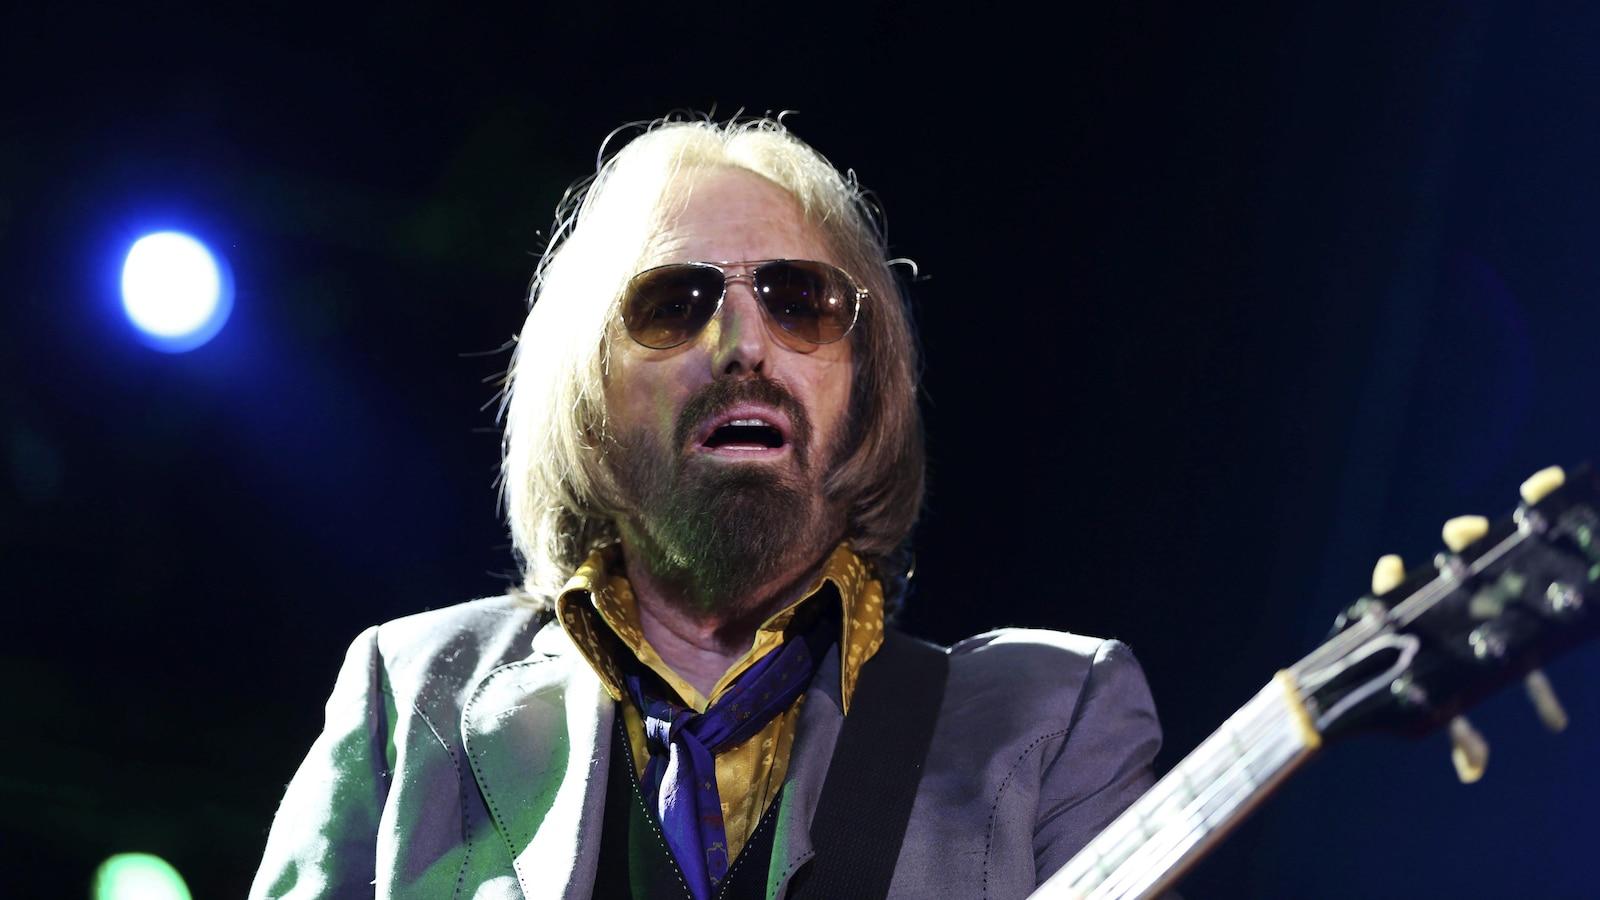 Tom Petty et son groupe The Heartbreakers au Arroyo Seco Music Festival, en 2017, à Pasadena, Californie